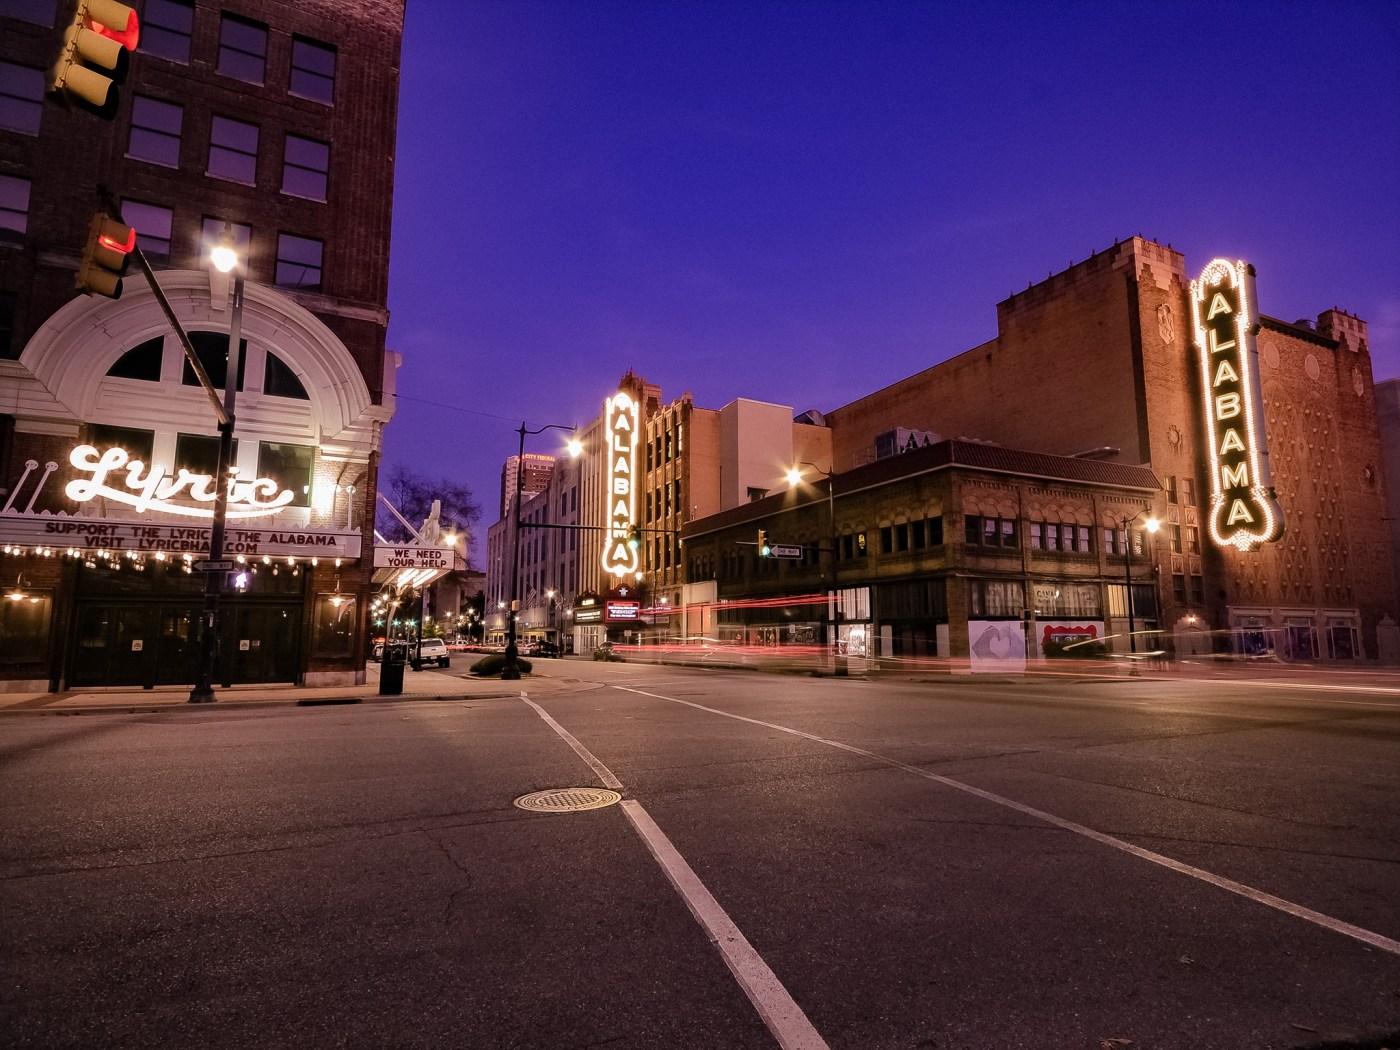 Alabama and Lyric Theatres